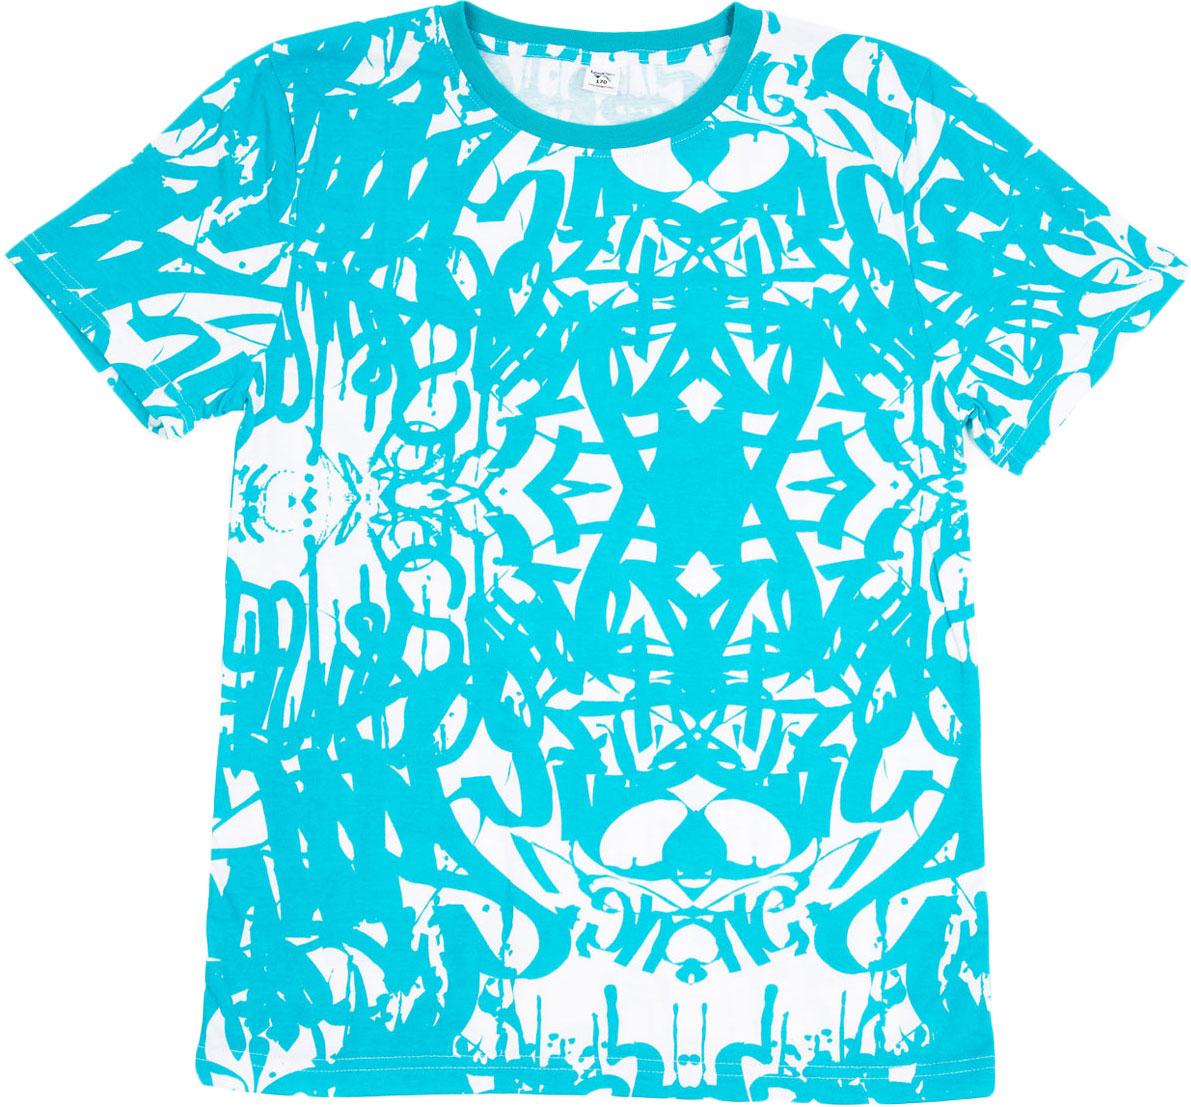 Футболка для мальчика LeadGen, цвет: голубой, белый. B413021801-171. Размер 164B413021801-171Футболка для мальчика LeadGen выполнена из натурального хлопкового трикотажа. Модель с короткими рукавами и круглым вырезом горловины оформлена оригинальным принтом.